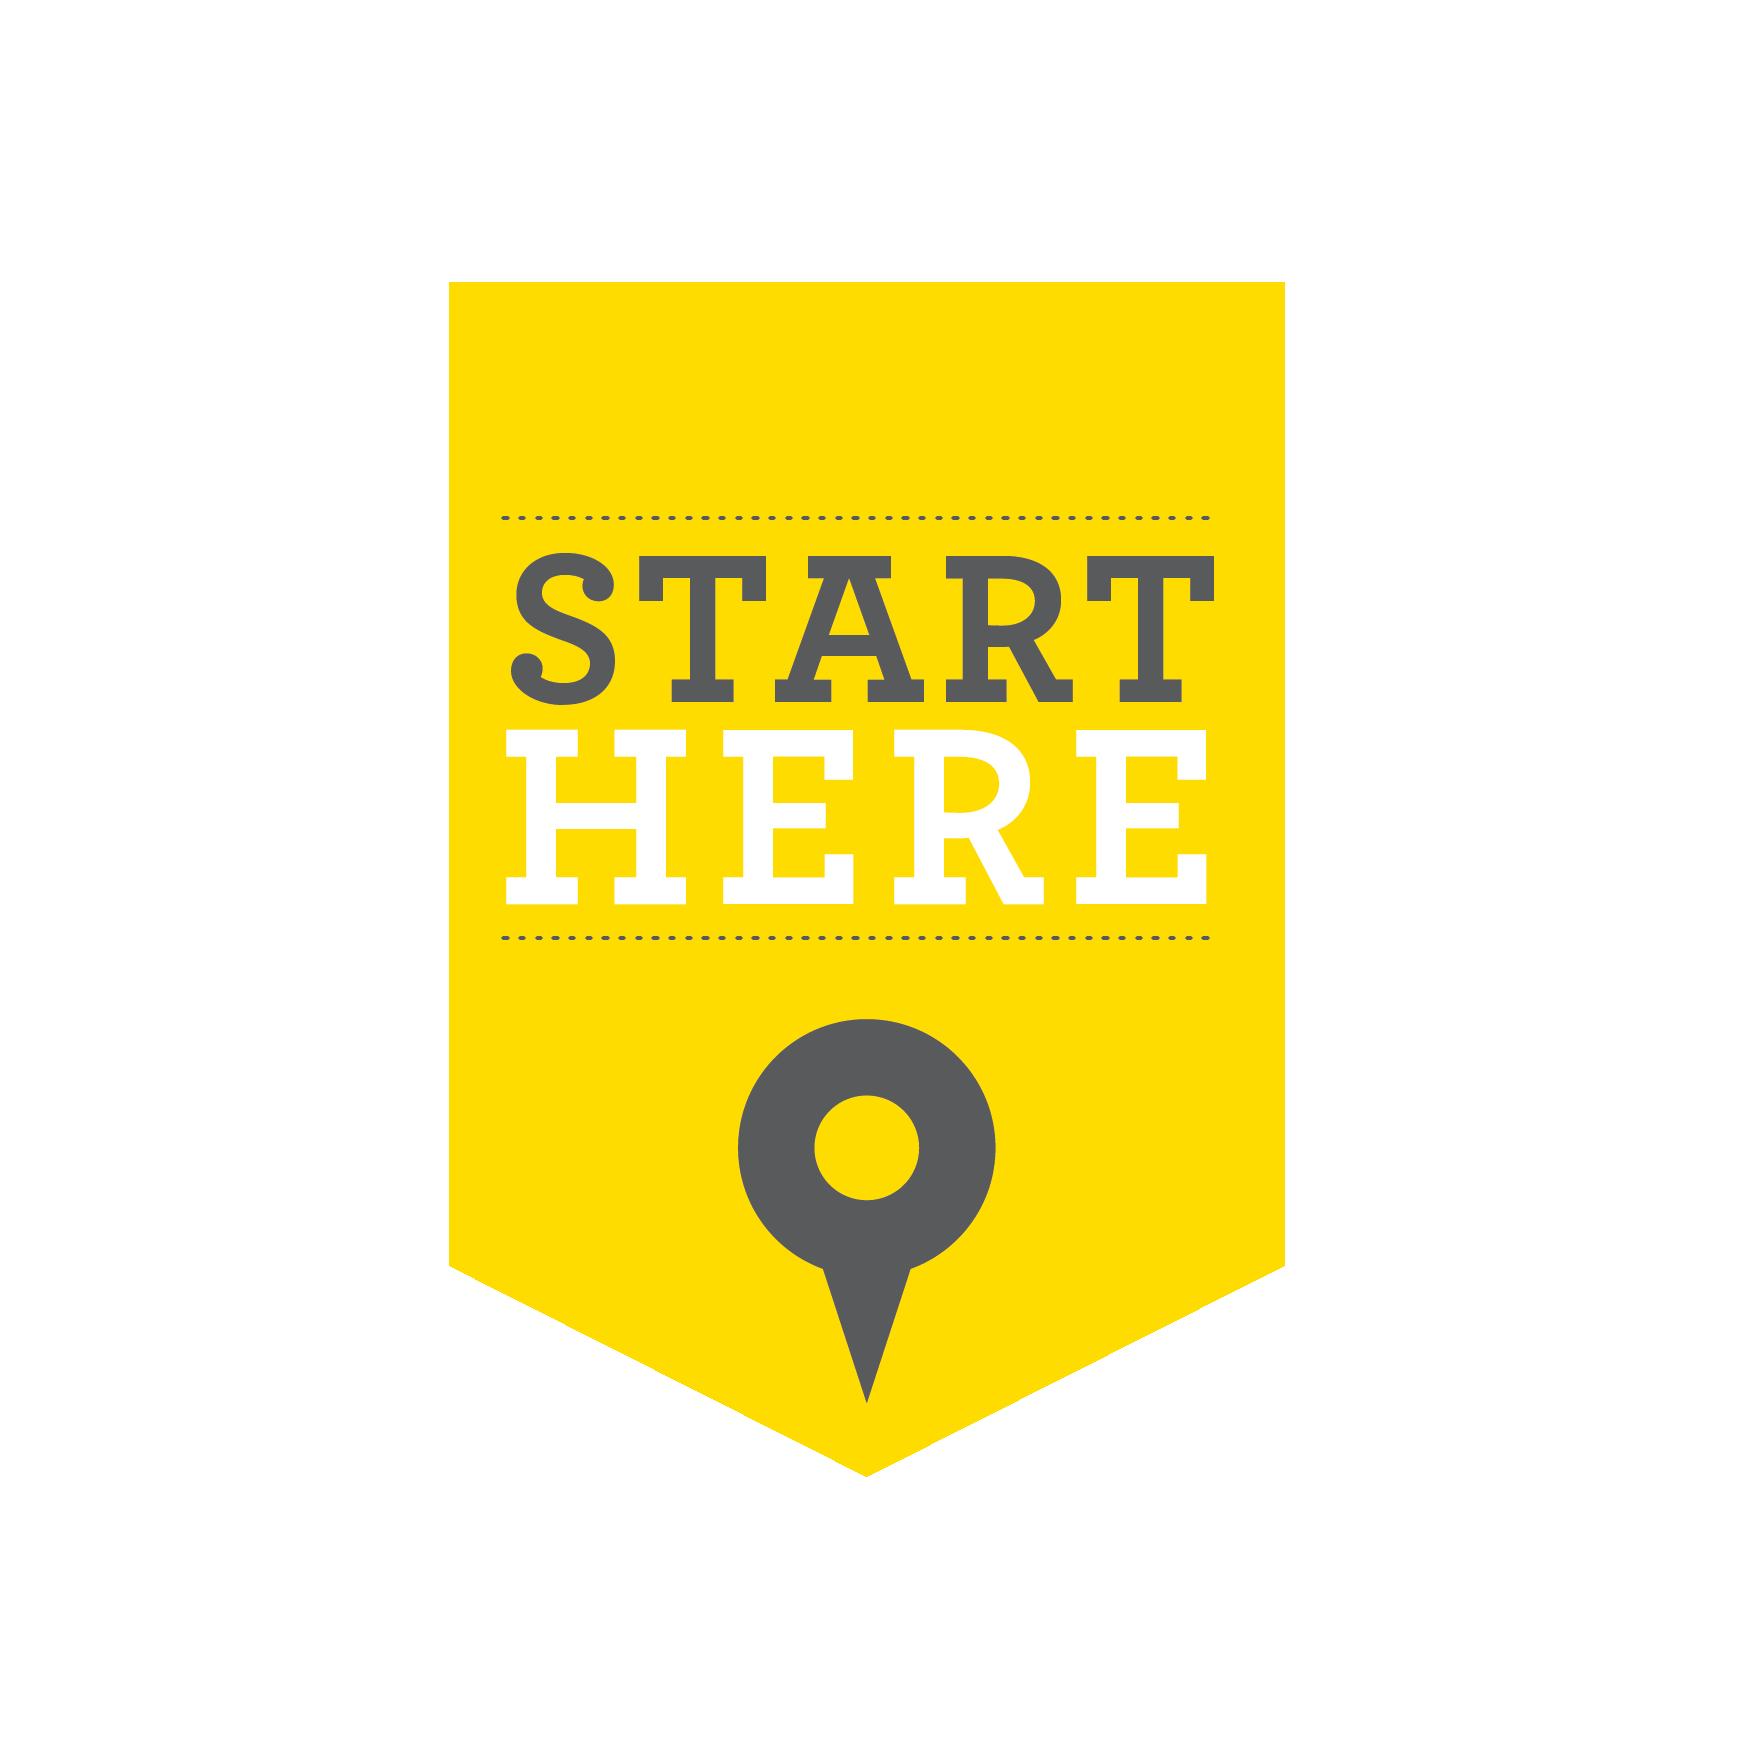 Start here full logo color